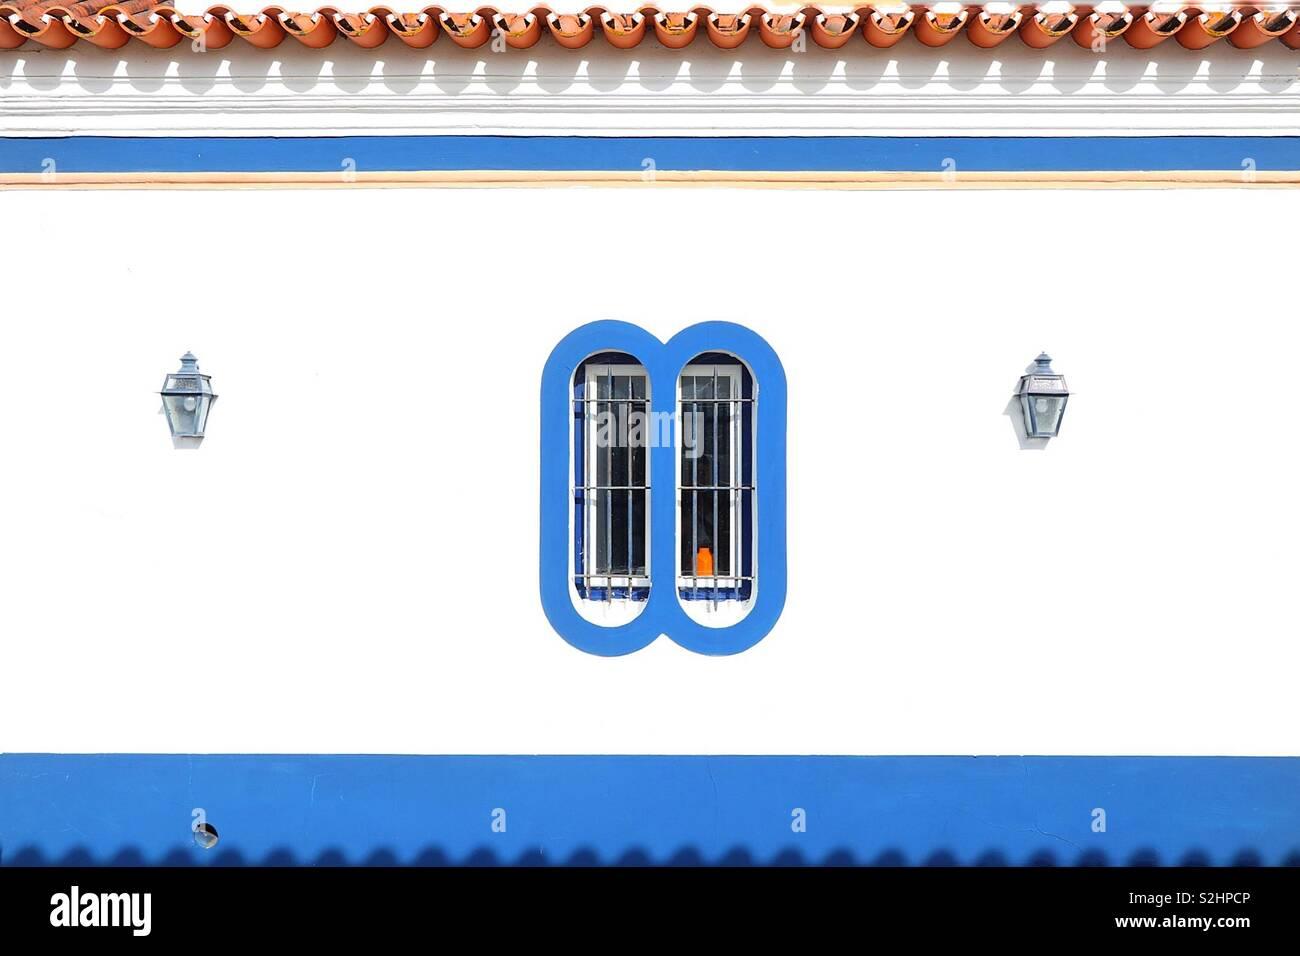 Ventana azul en una pared blanca con dos lámparas Imagen De Stock